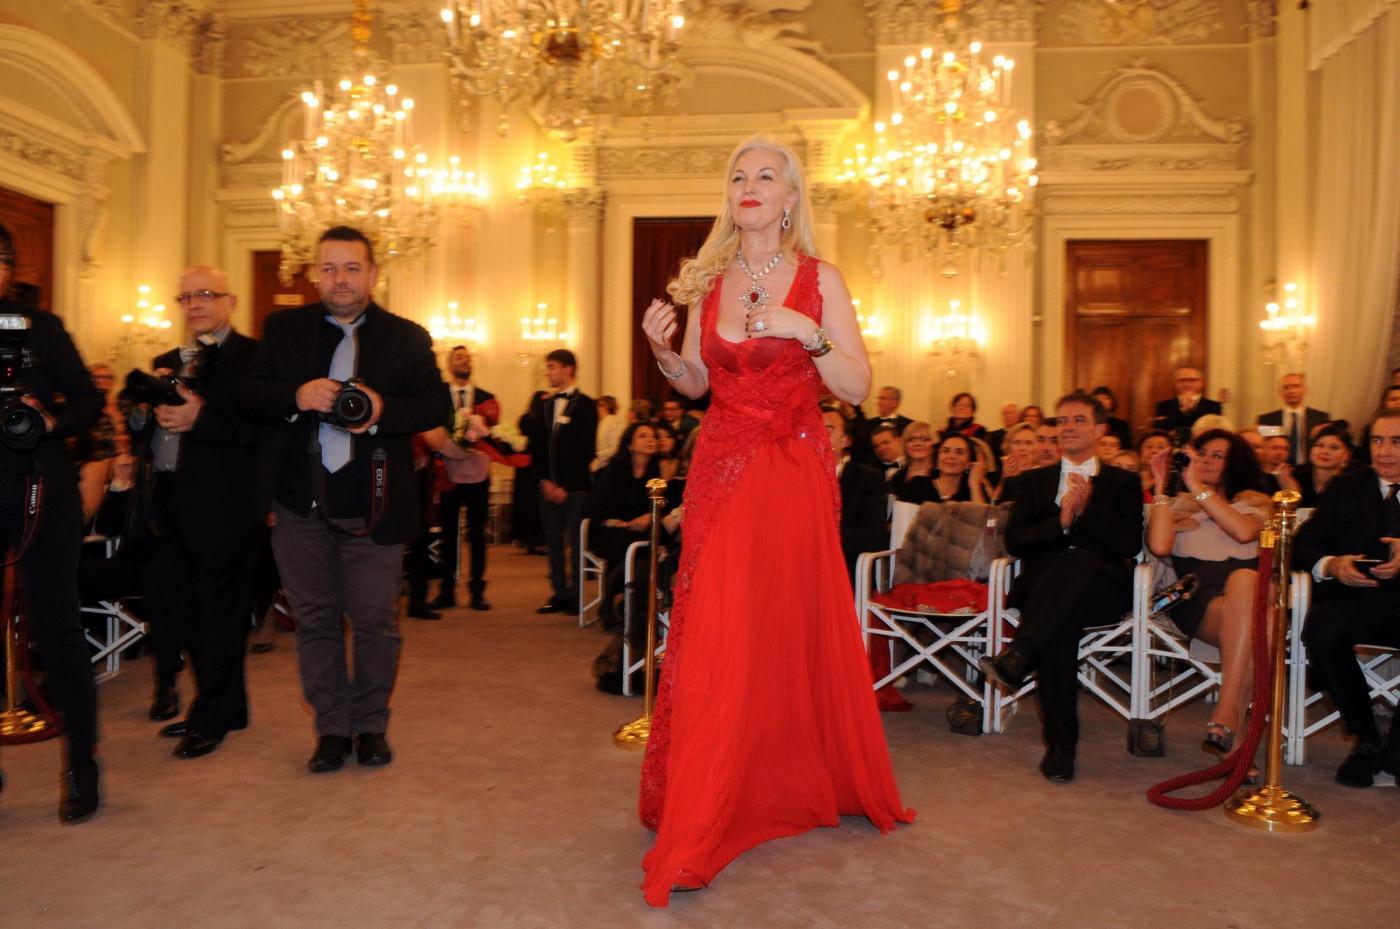 Ballo delle debuttanti a Firenze FOTO: Laura Freddi madrina06